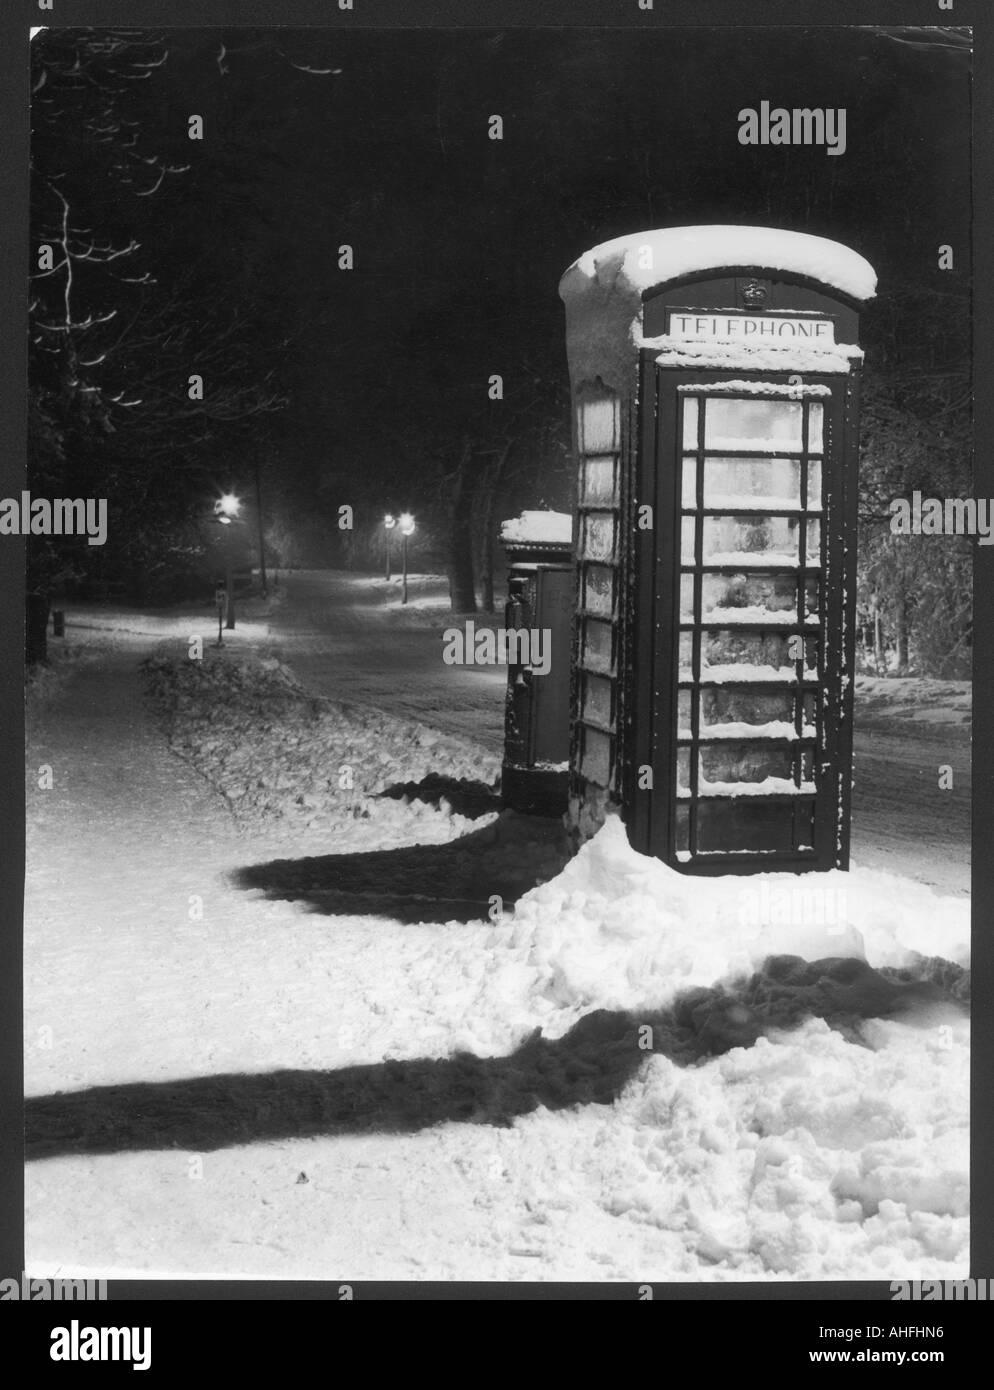 Telephone Kiosk In Snow - Stock Image